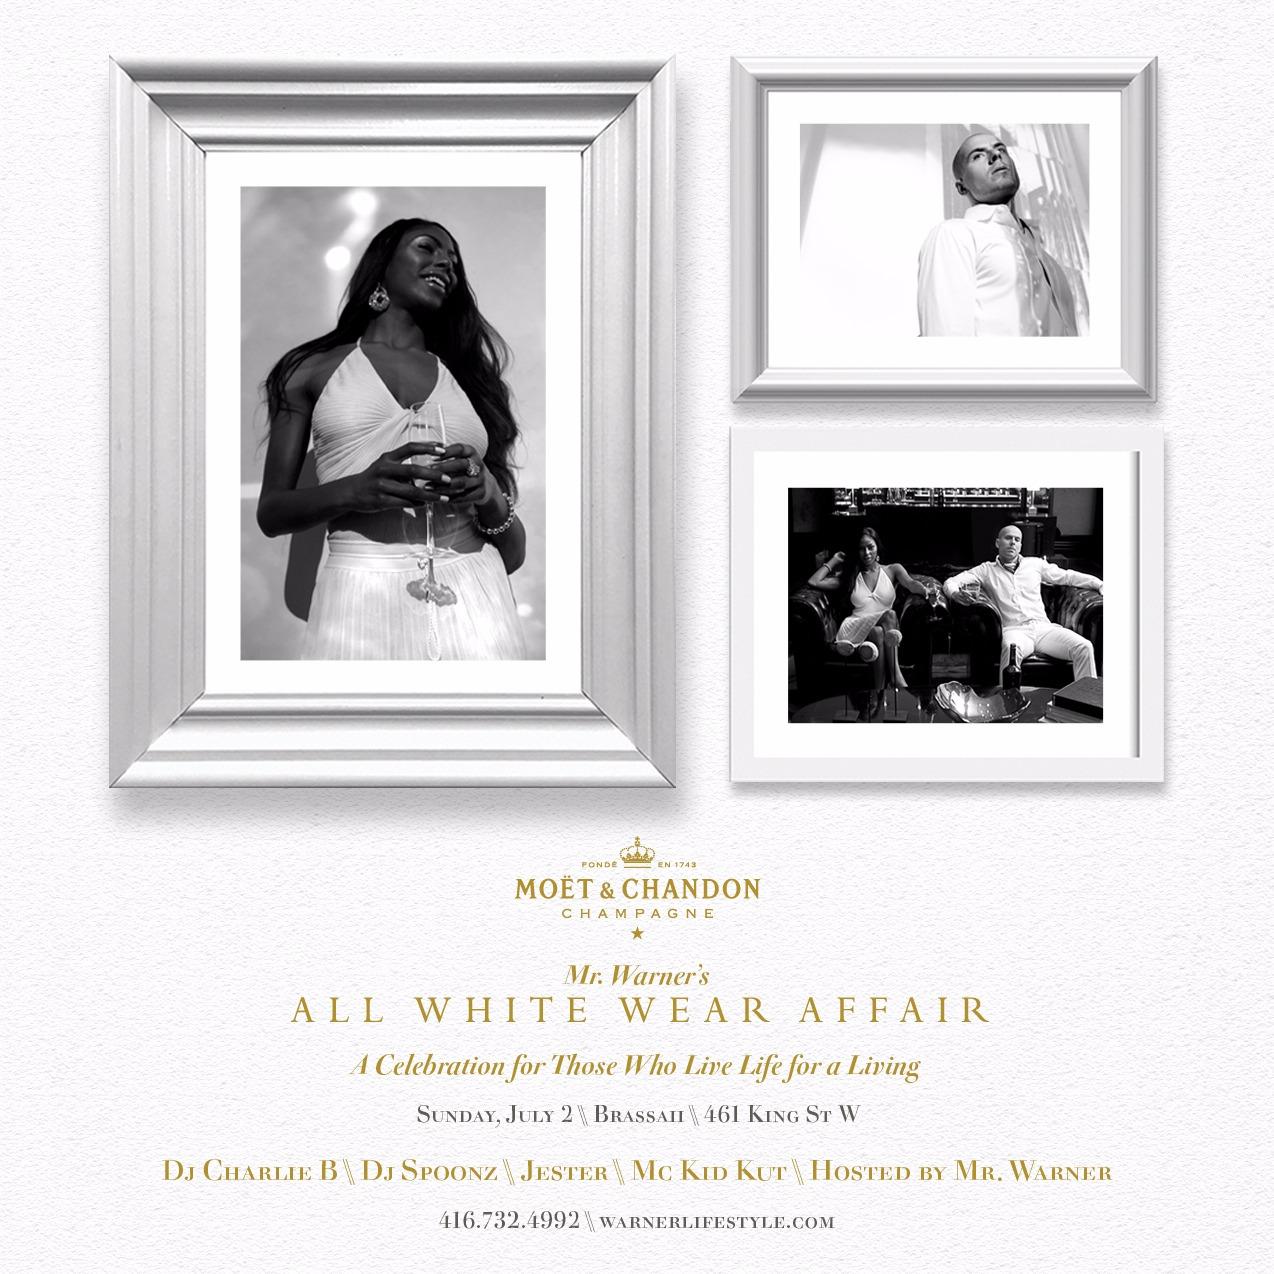 Mr. Warner's ALL WHITE WEAR AFFAIR 2017